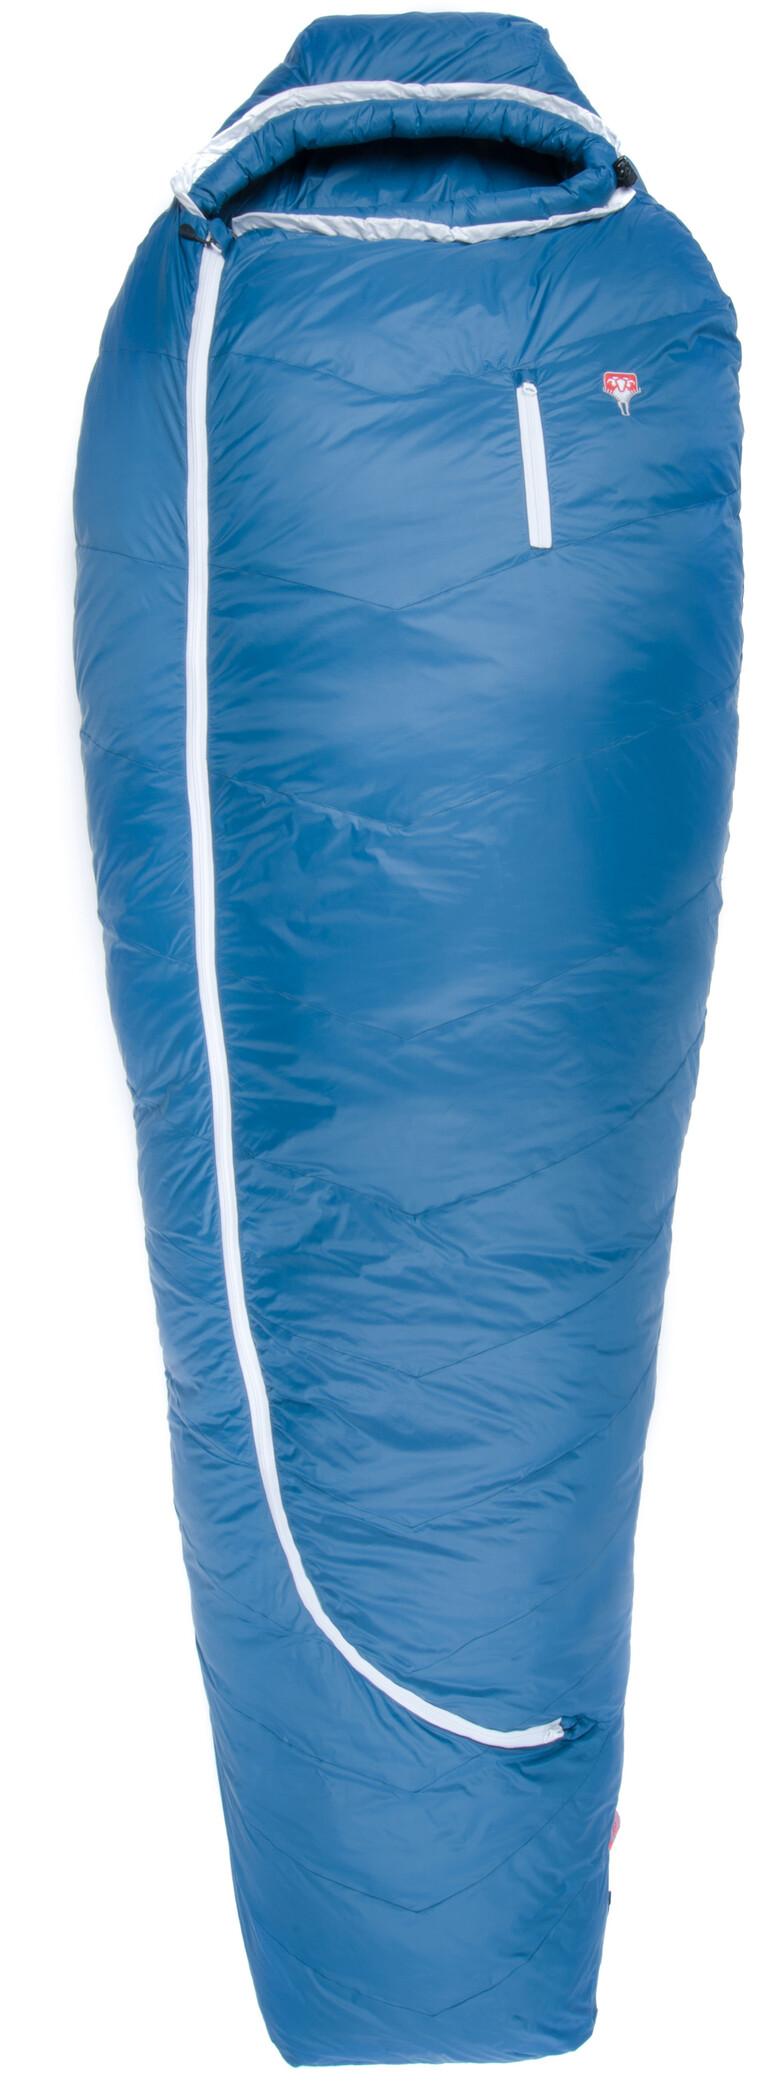 Grüezi-Bag Biopod DownWool Ice 175 Sovepose, ice blue | Transport og opbevaring > Tilbehør